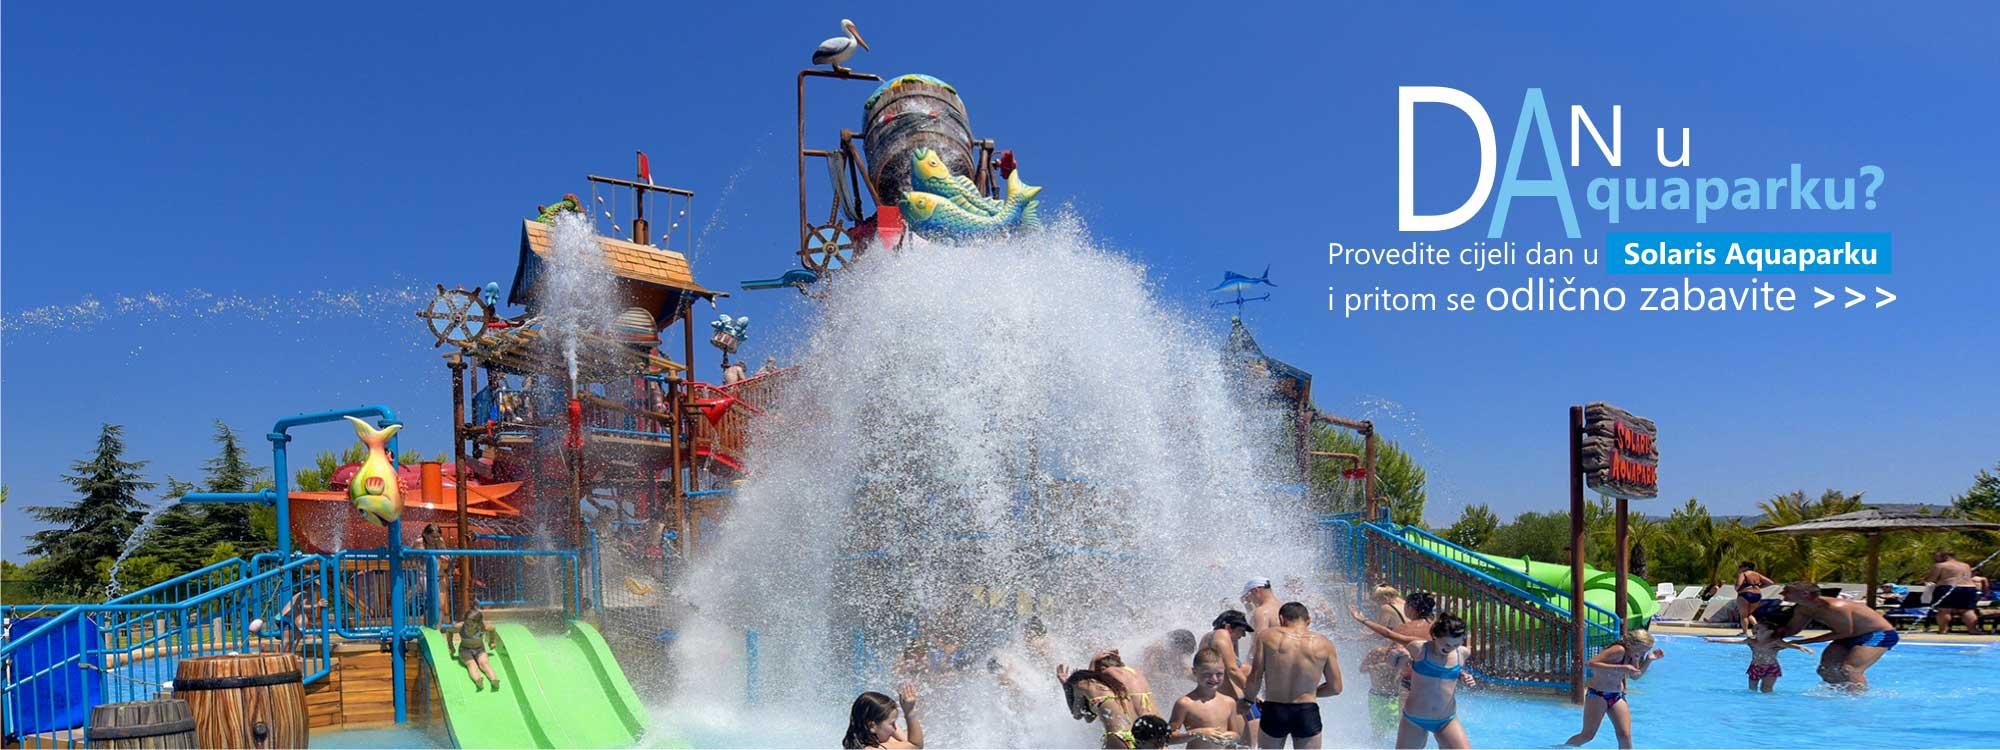 Dan-u-Solaris-Aquaparku